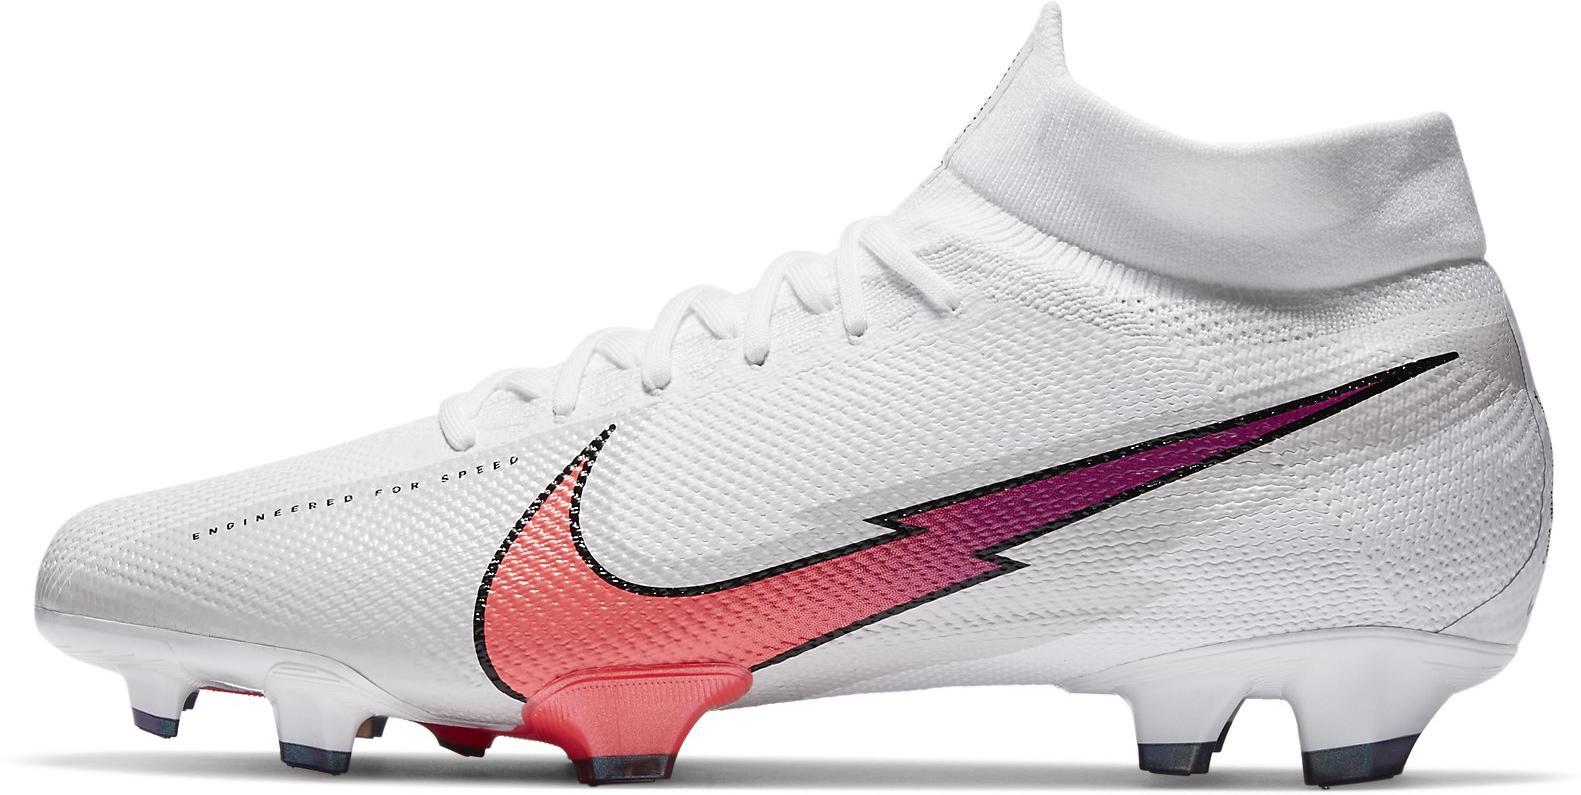 Kopačky Nike SUPERFLY 7 PRO FG bílá